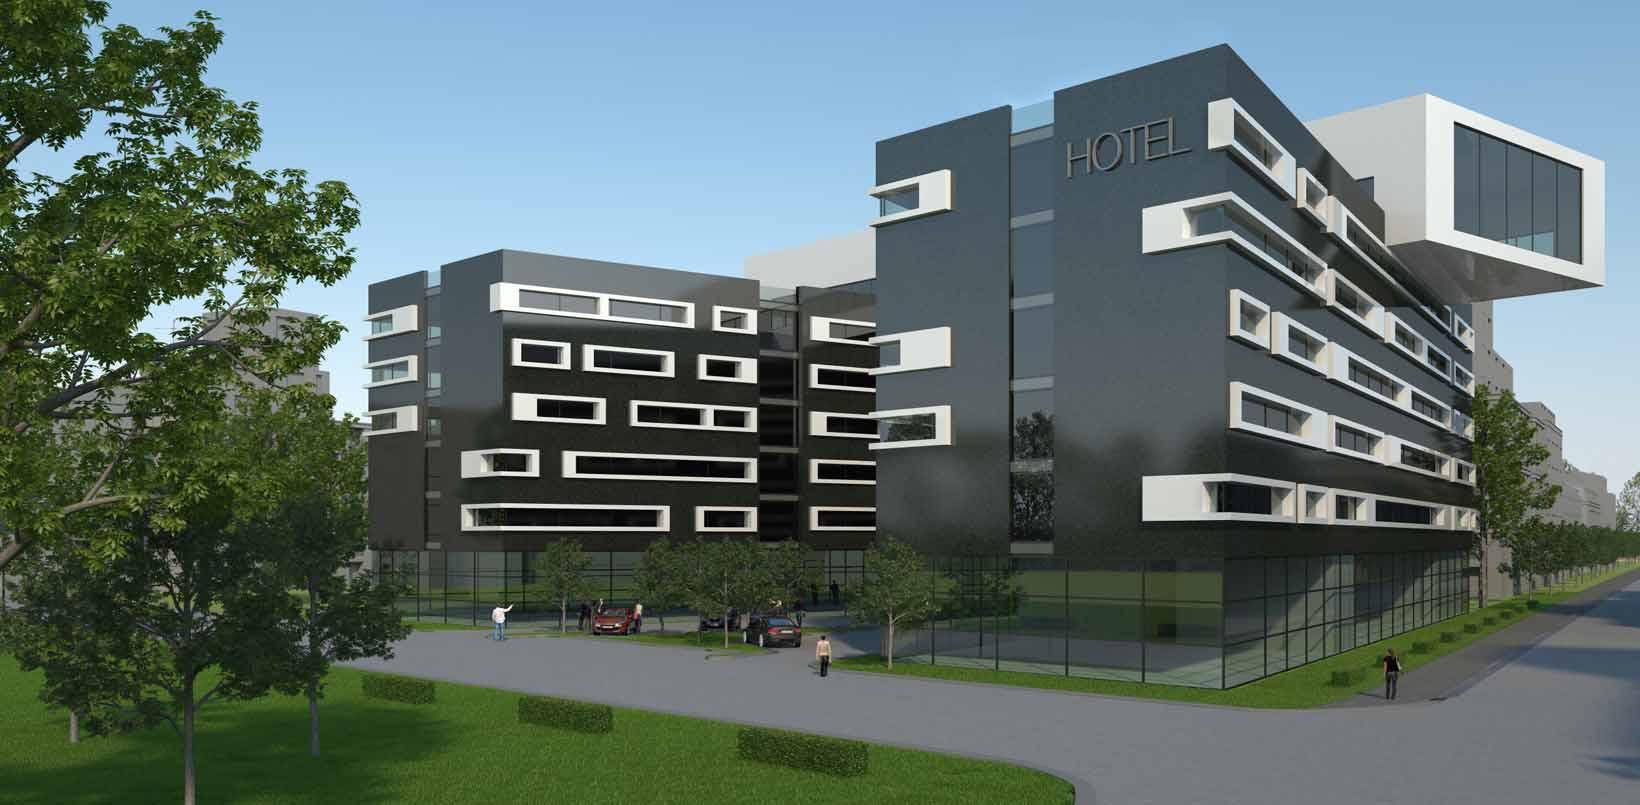 architekt christ hotel frankfurt flughafen 2. Black Bedroom Furniture Sets. Home Design Ideas